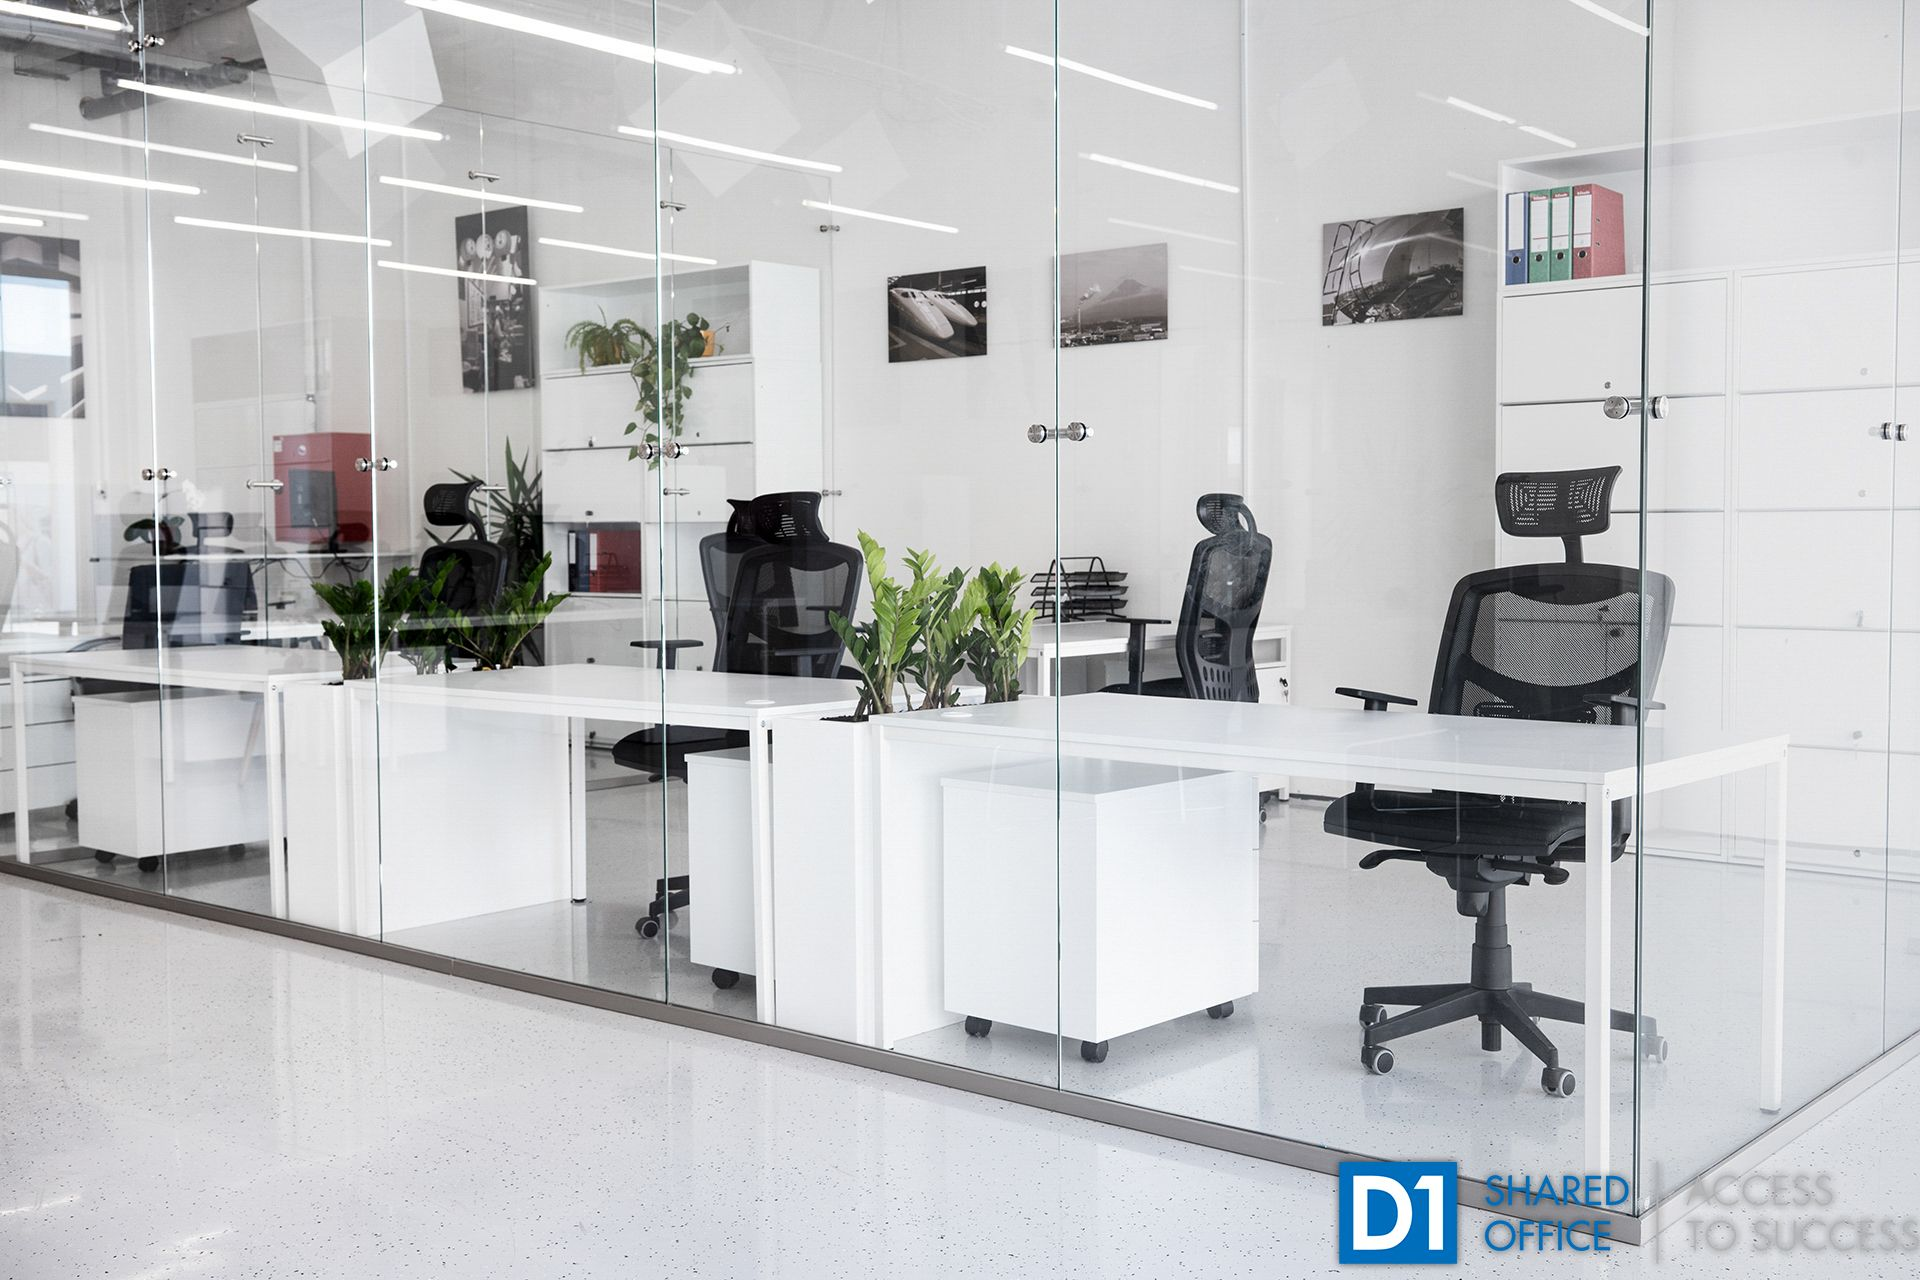 D1 Shared Office, Senec